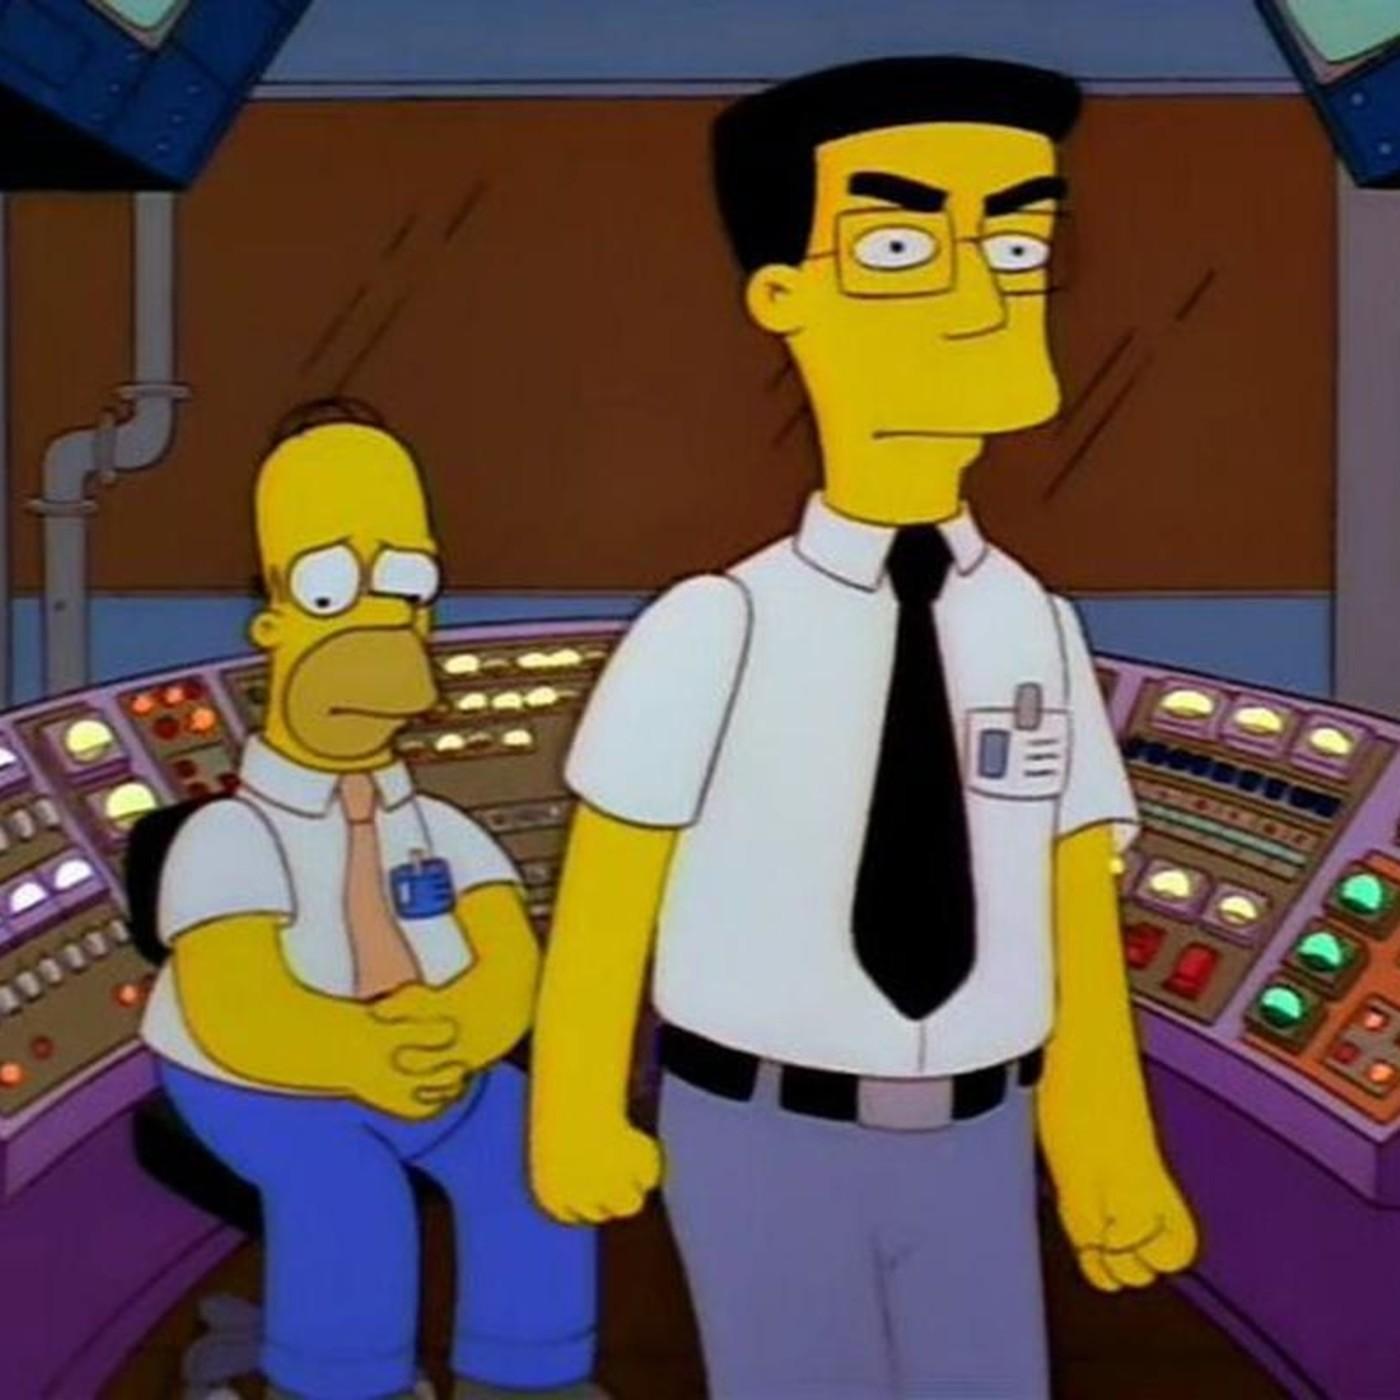 Los Simpson T 22 ep. 13, 14, 15 (2011) #Animación #Comedia #Familia #peliculas #audesc #podcast